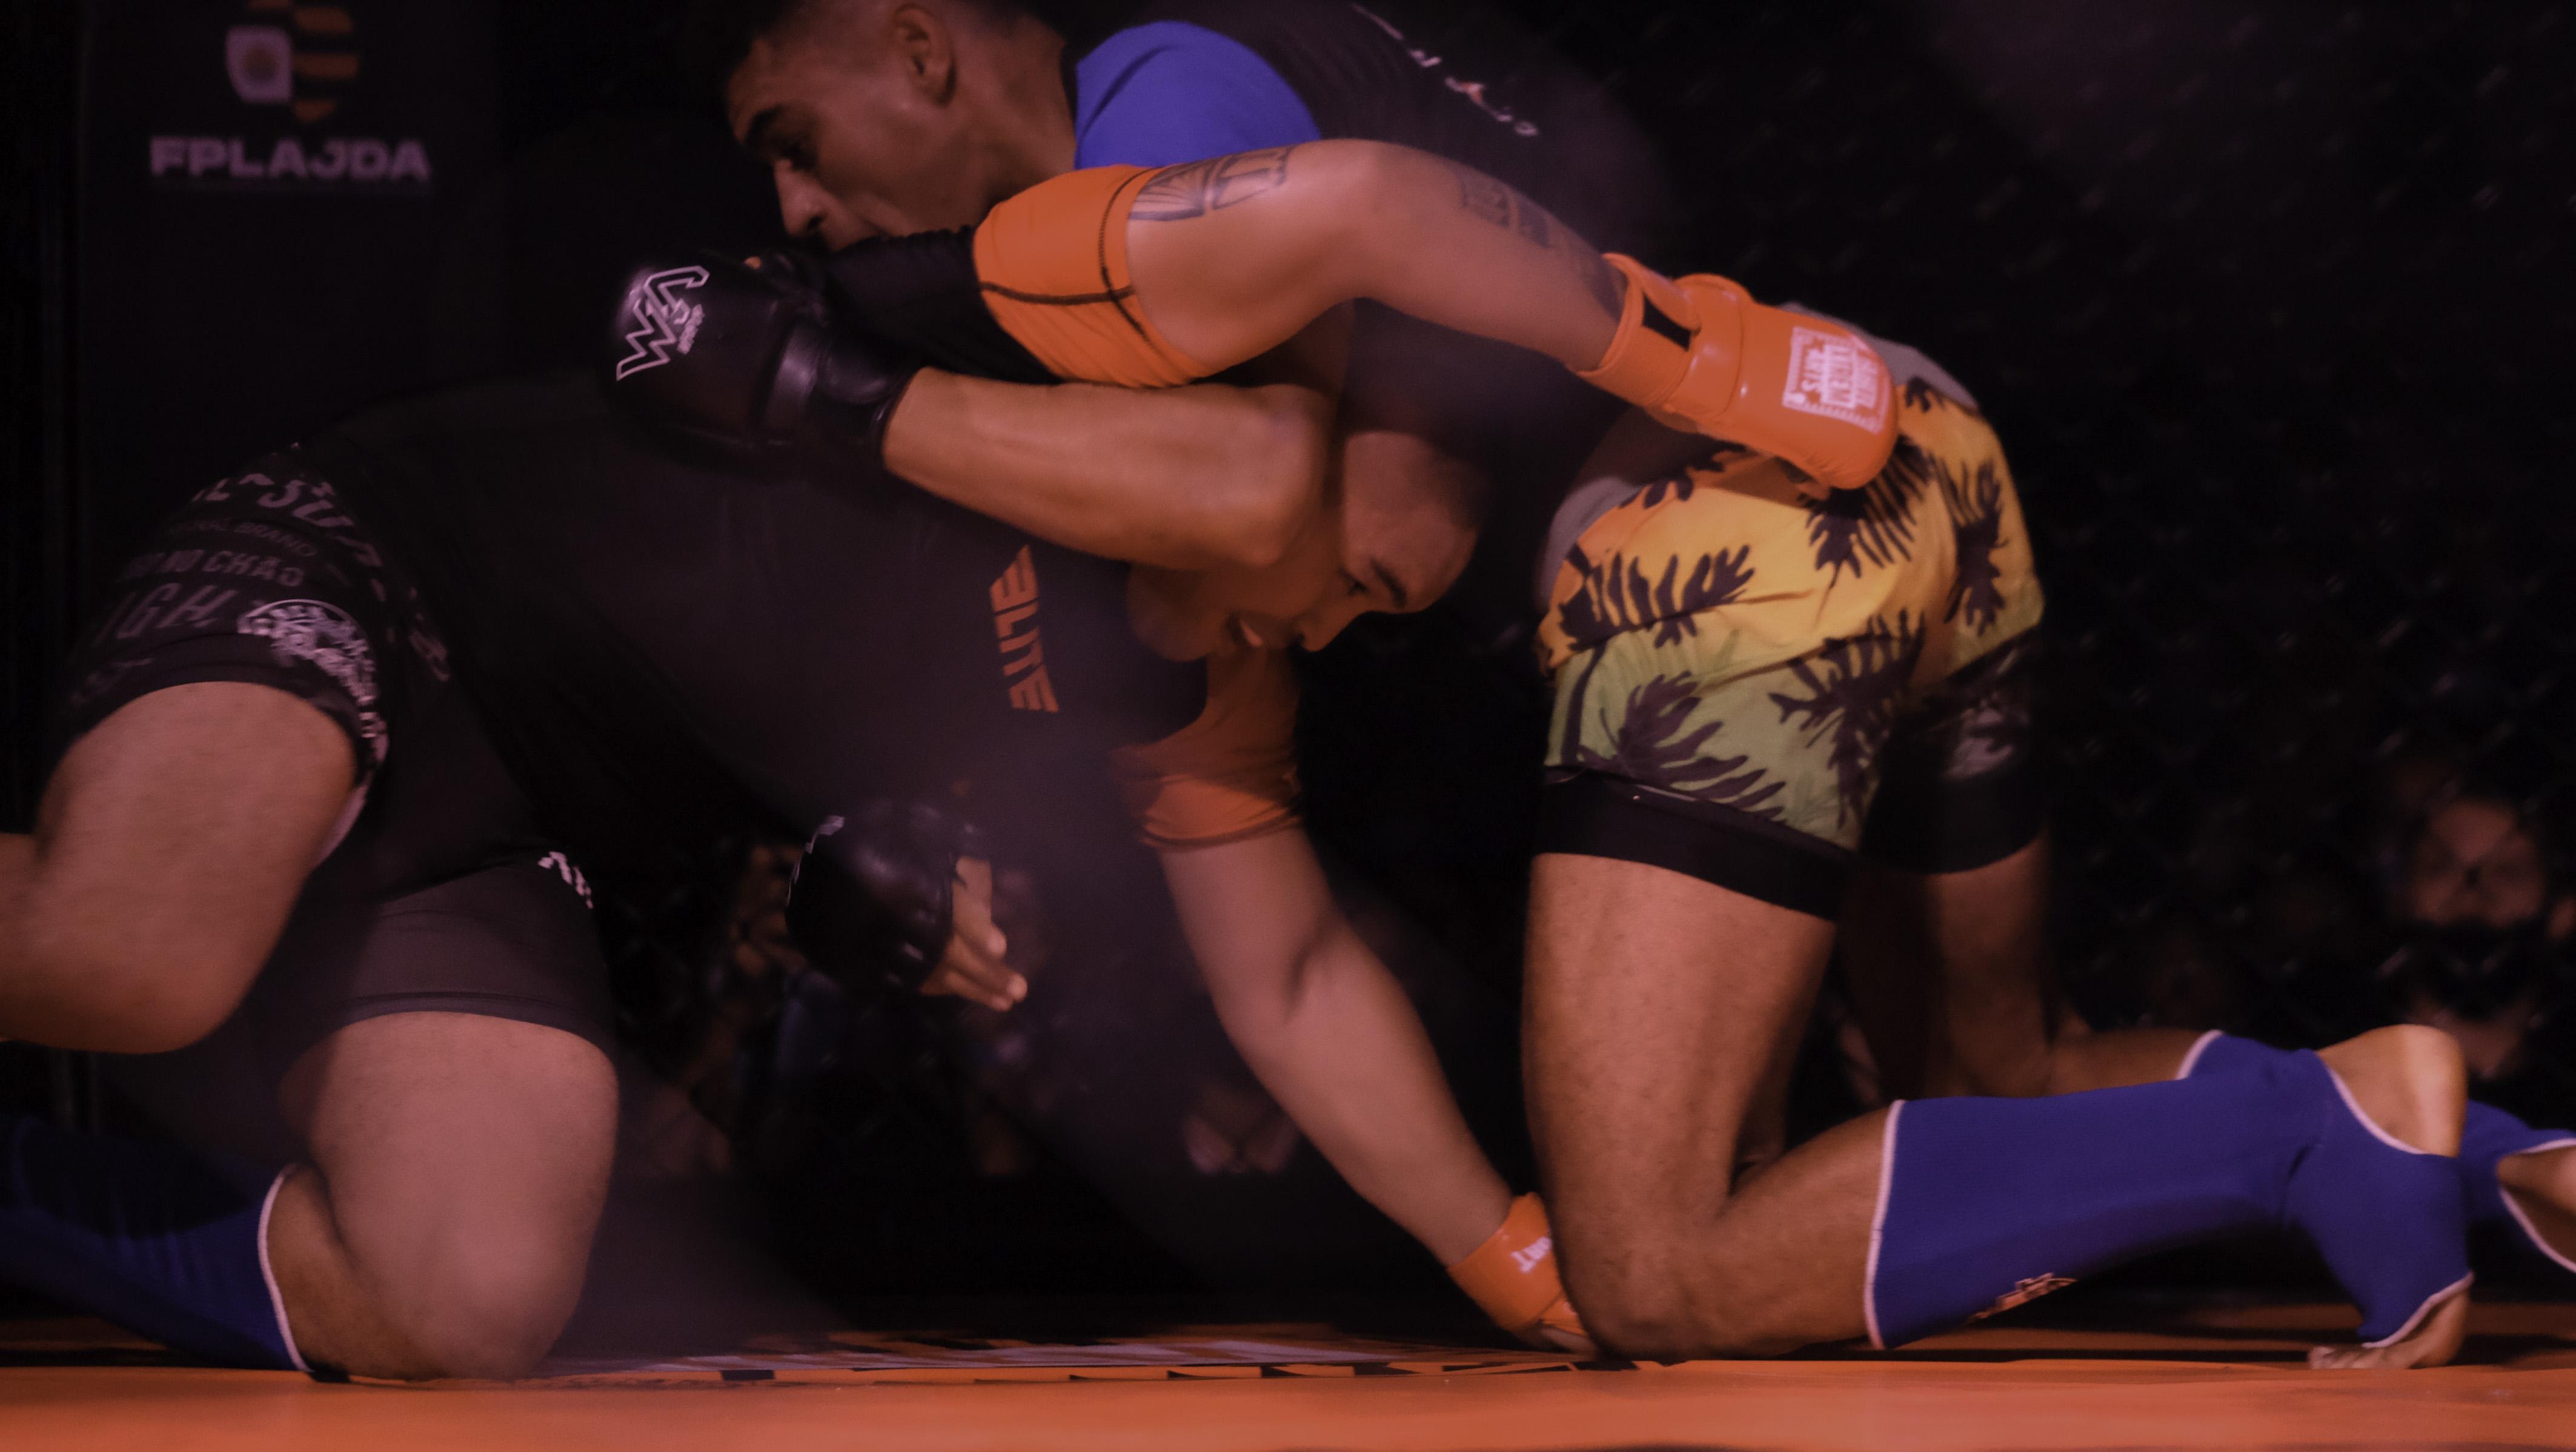 Teiki Nauta (en rouge) avait remporté en juin le main event de la première soirée de MMA face à Ragitea Kainuku.